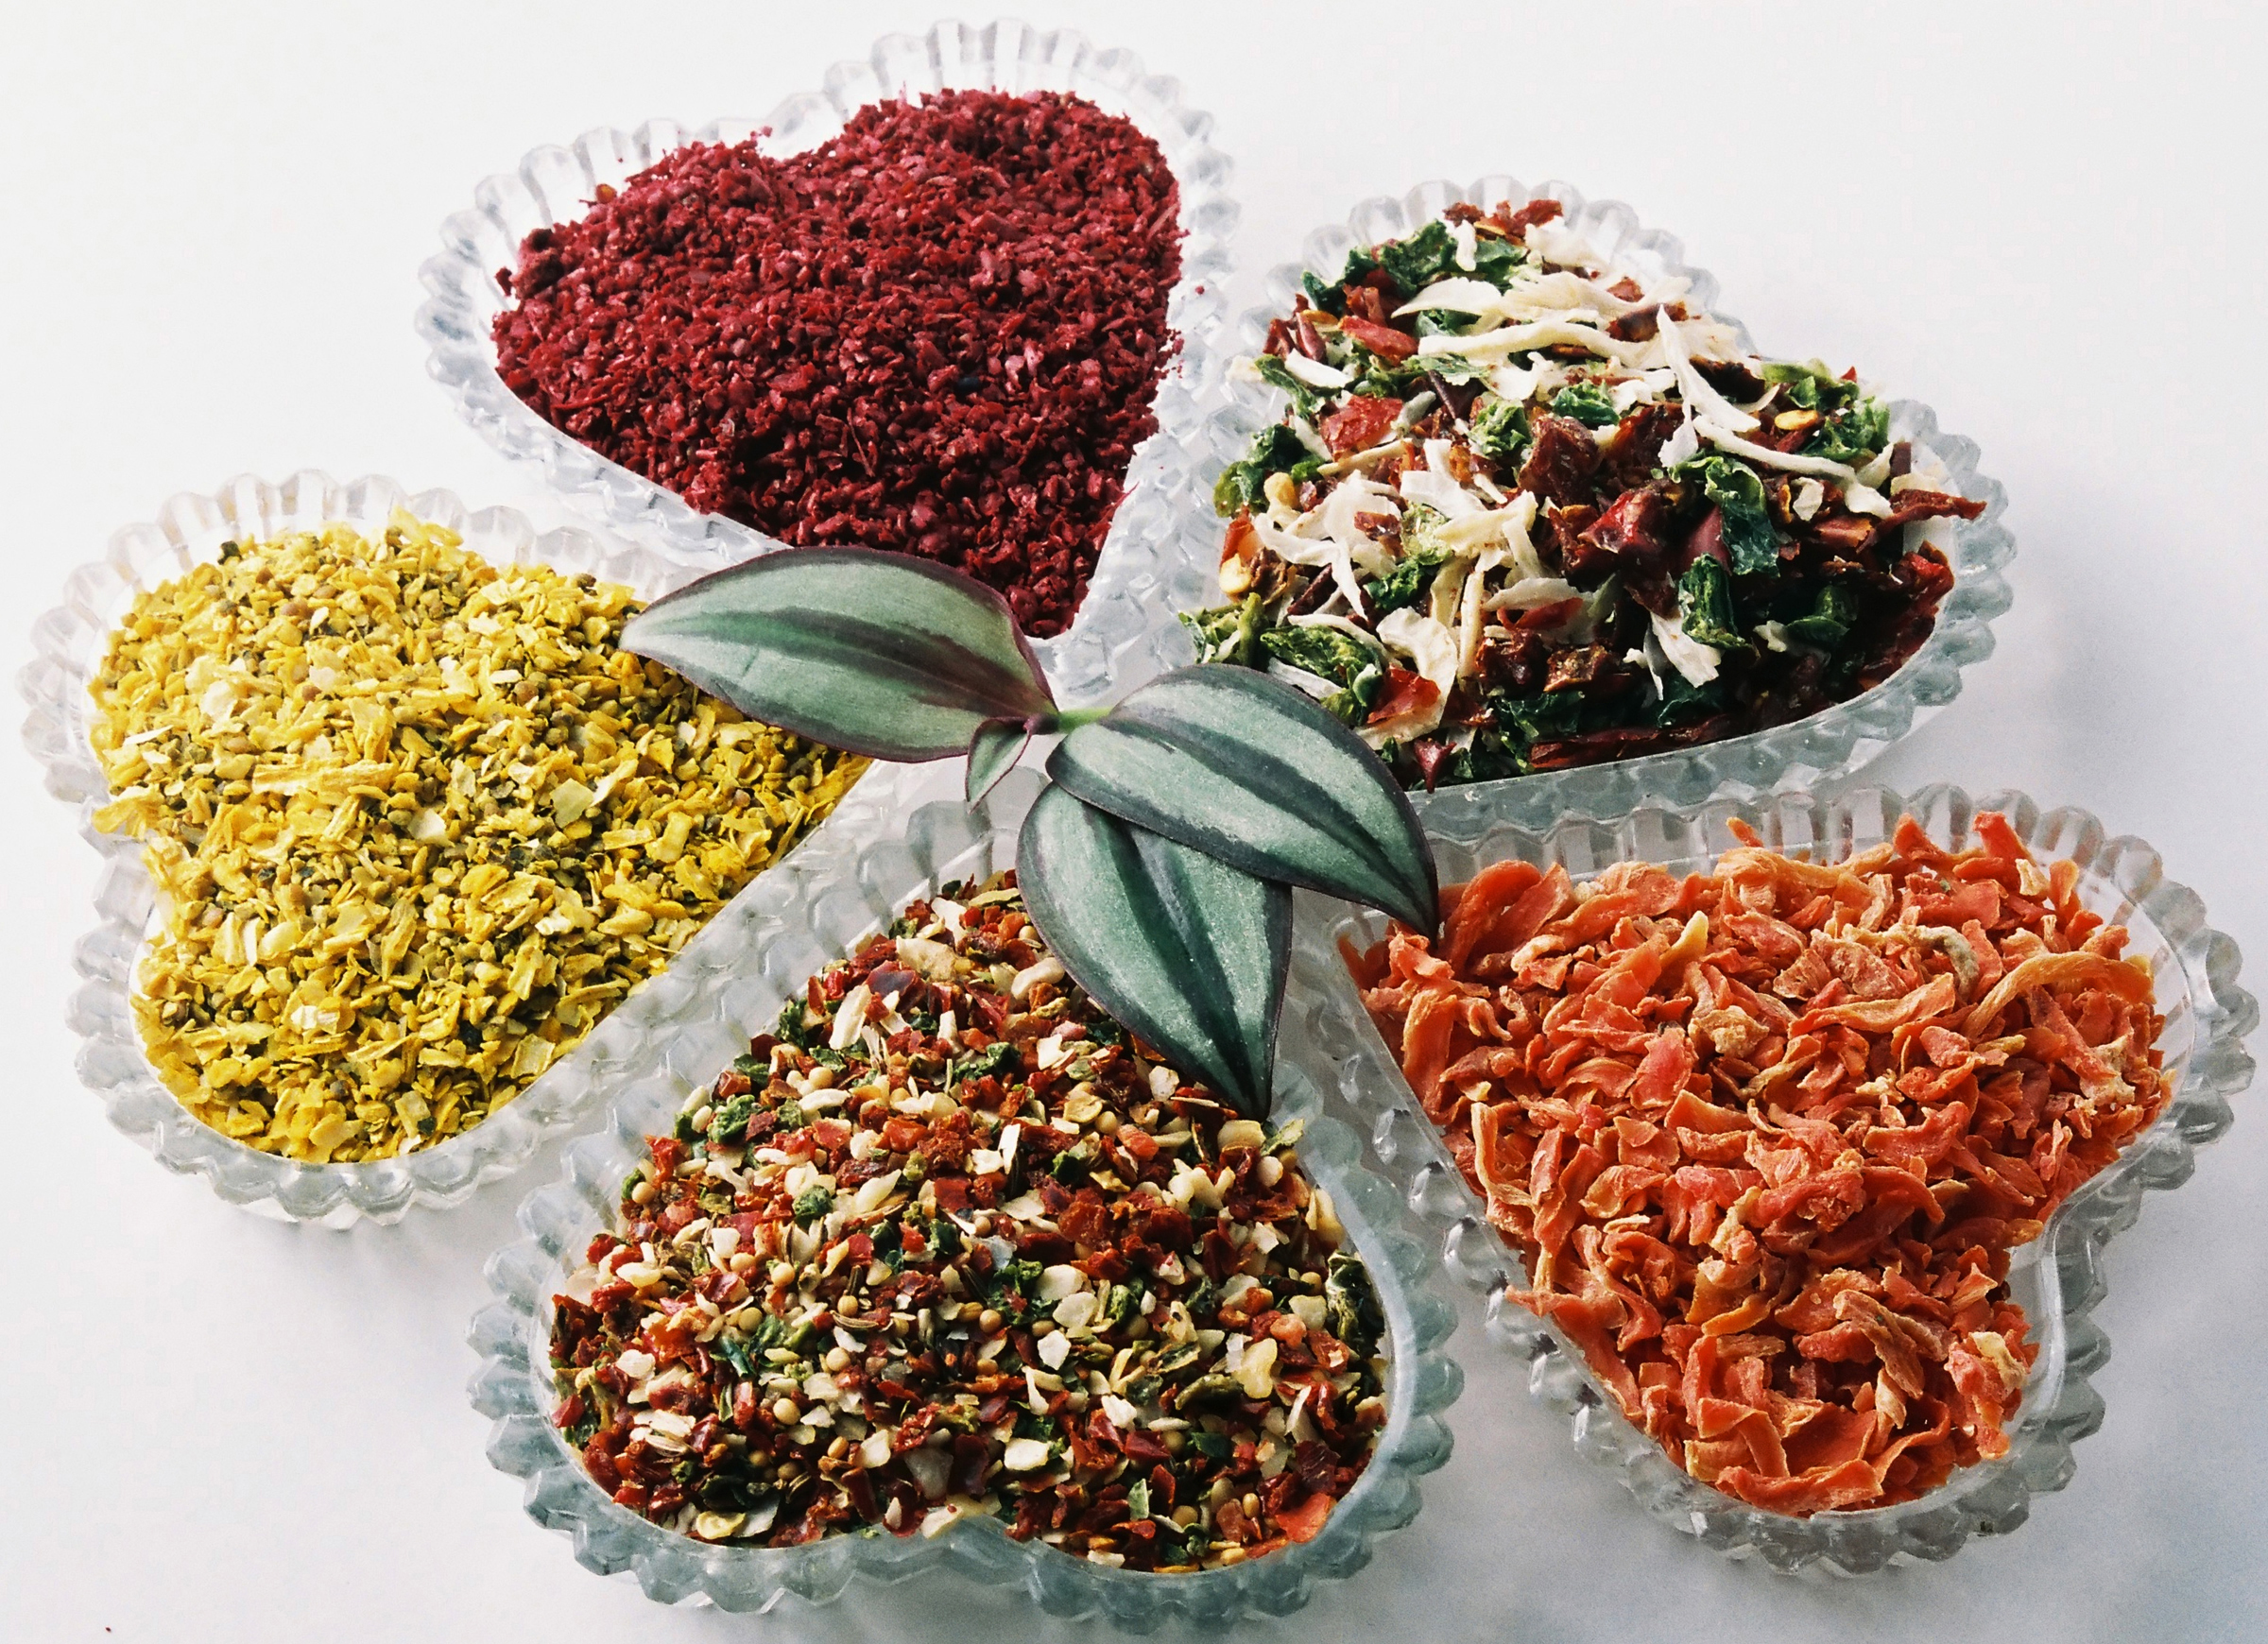 Kolite Bitkisel Tedavi ve Çözüm: Kolit İçin İyi Gelen Bitkiler